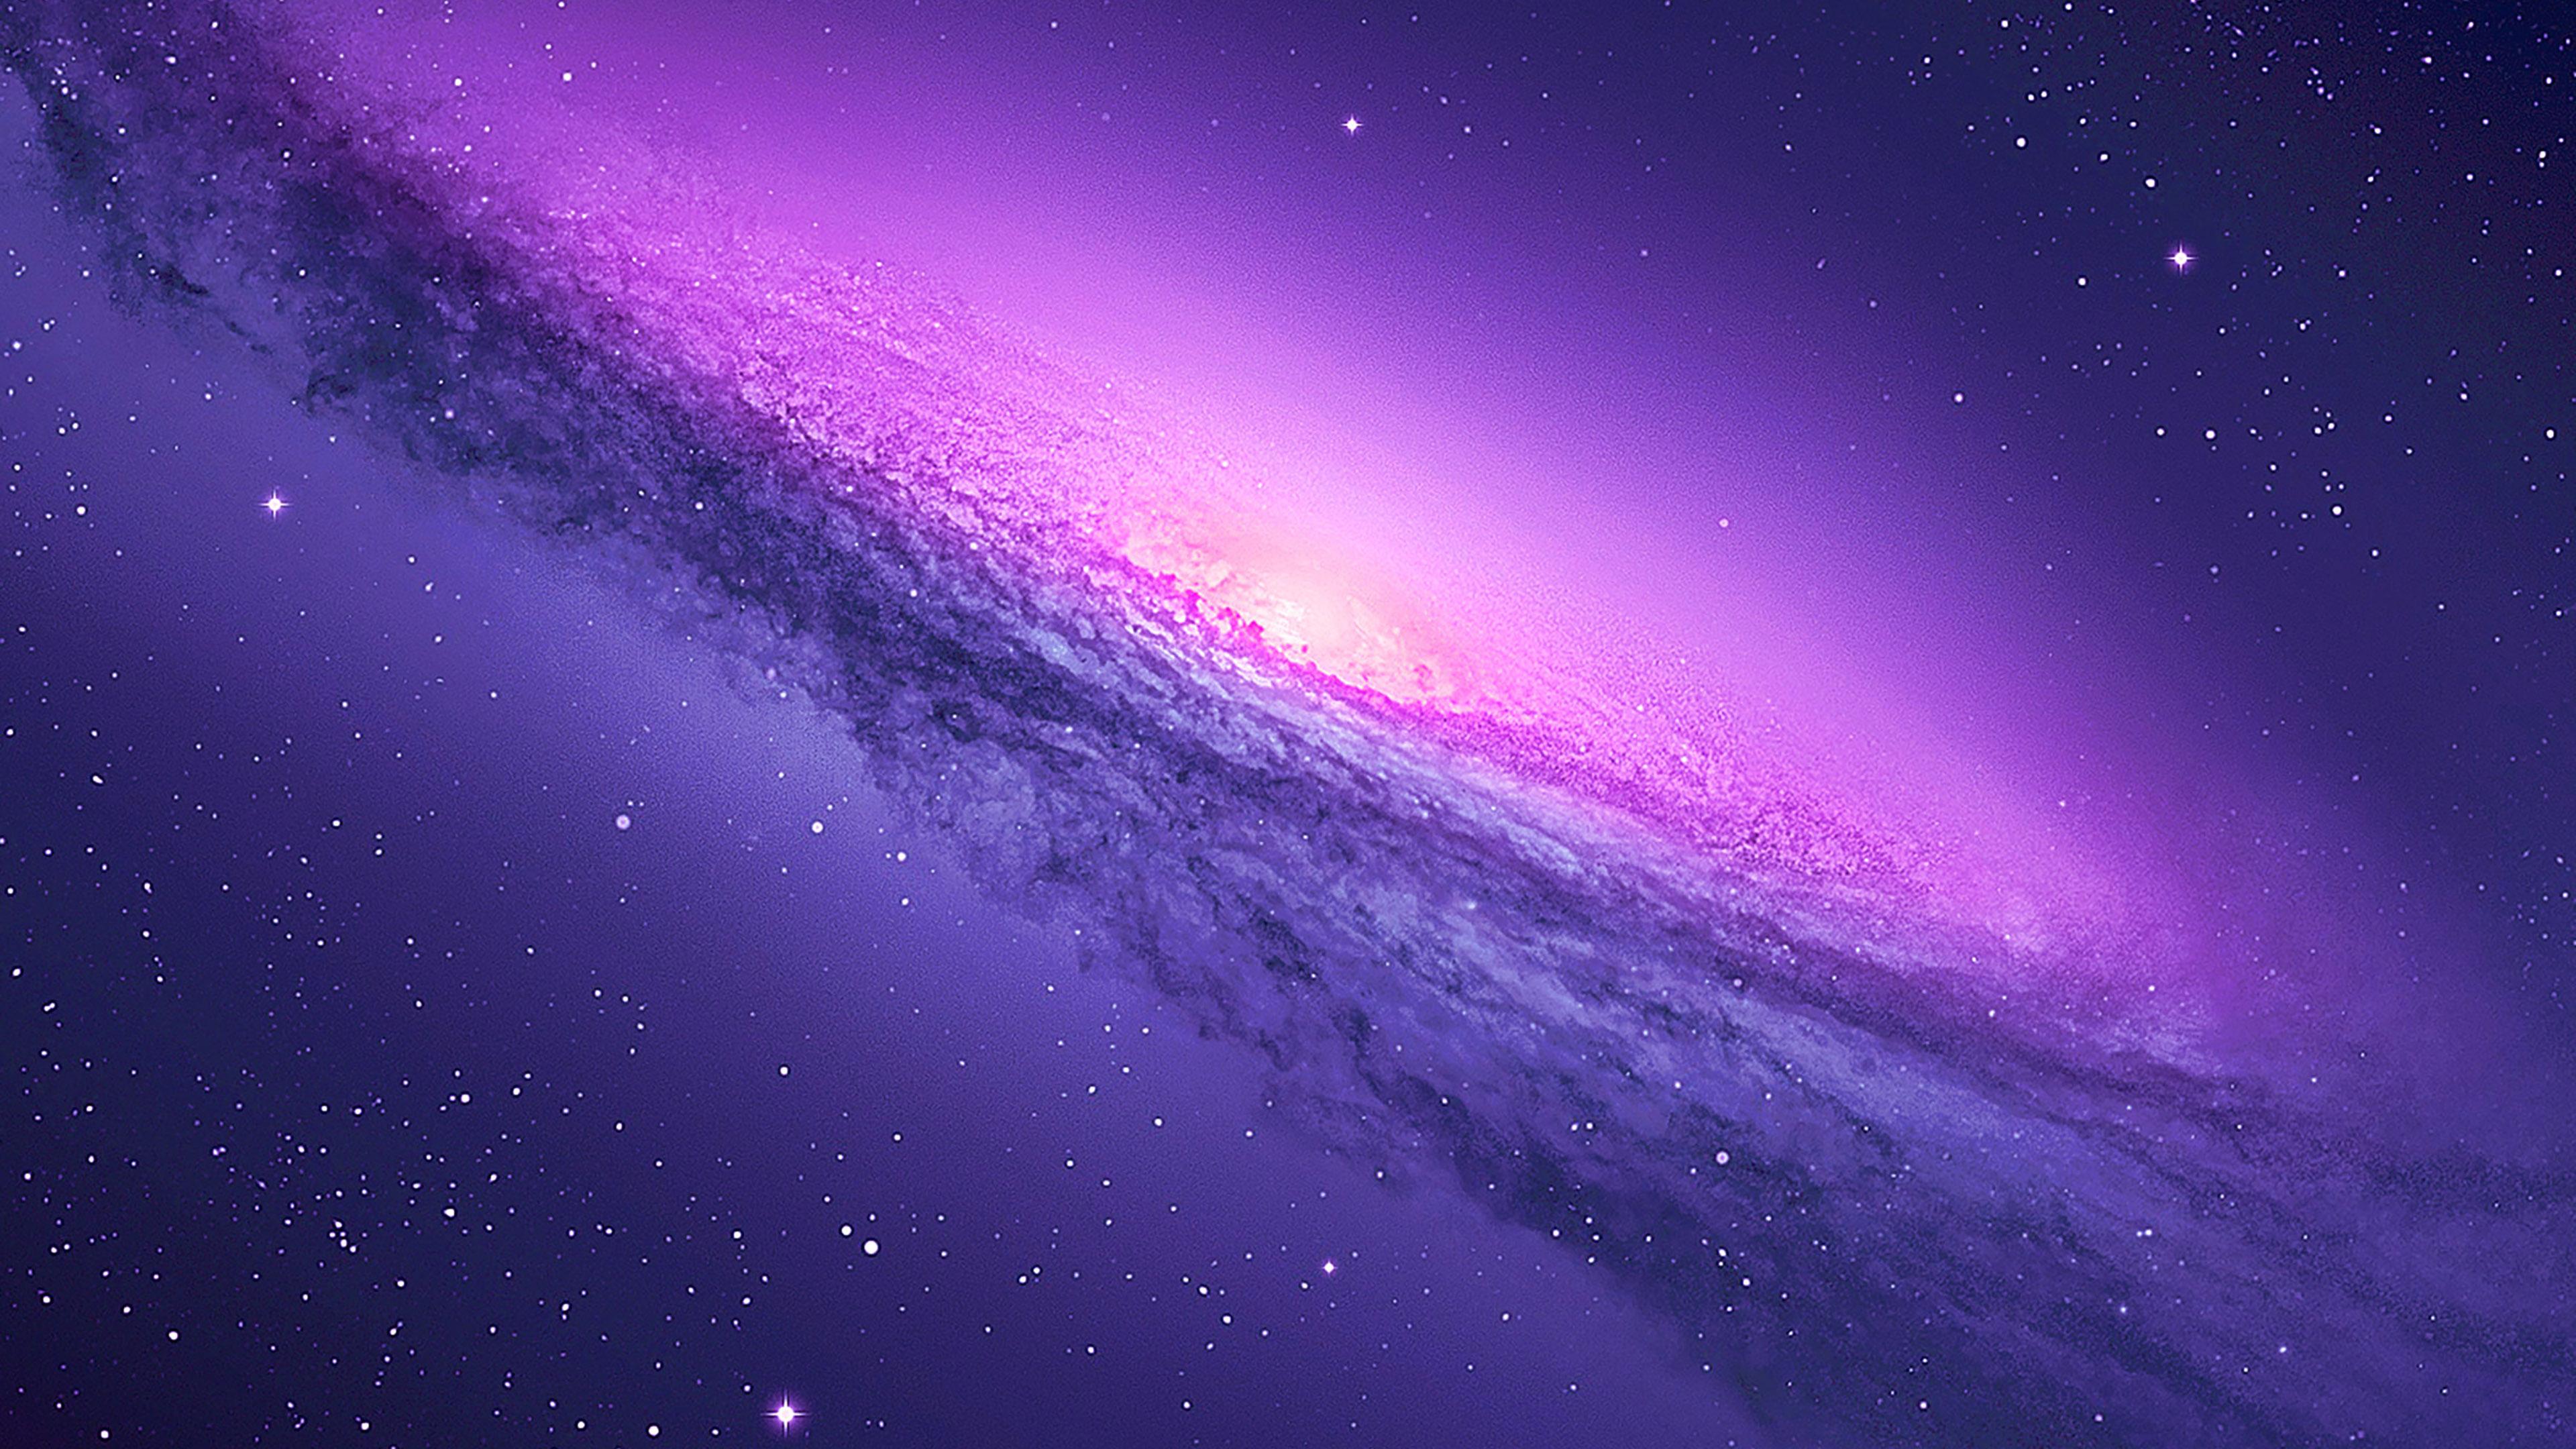 Purple Galaxy Wallpaper 4k - 3840x2160 - Download HD ...